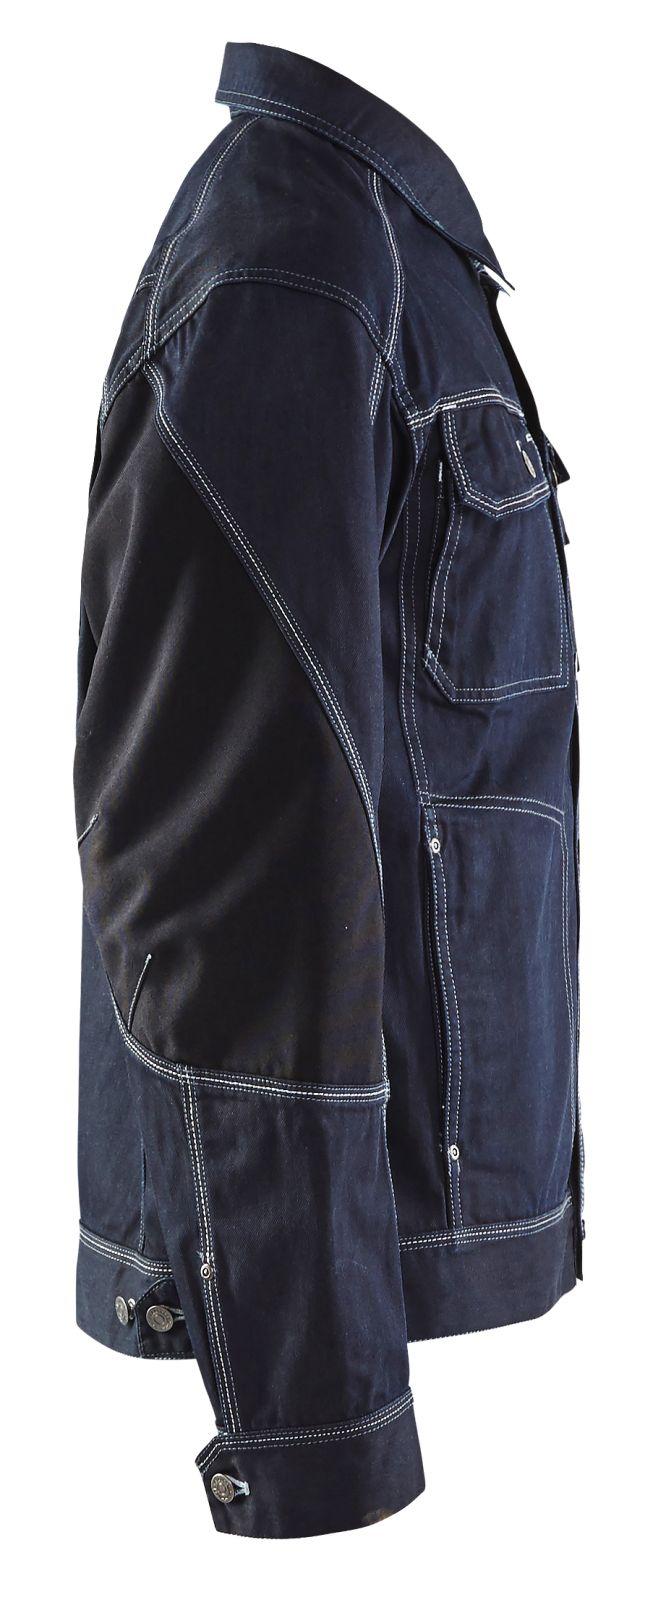 Blaklader Combi-jacks 40591140 marineblauw-zwart(8999)